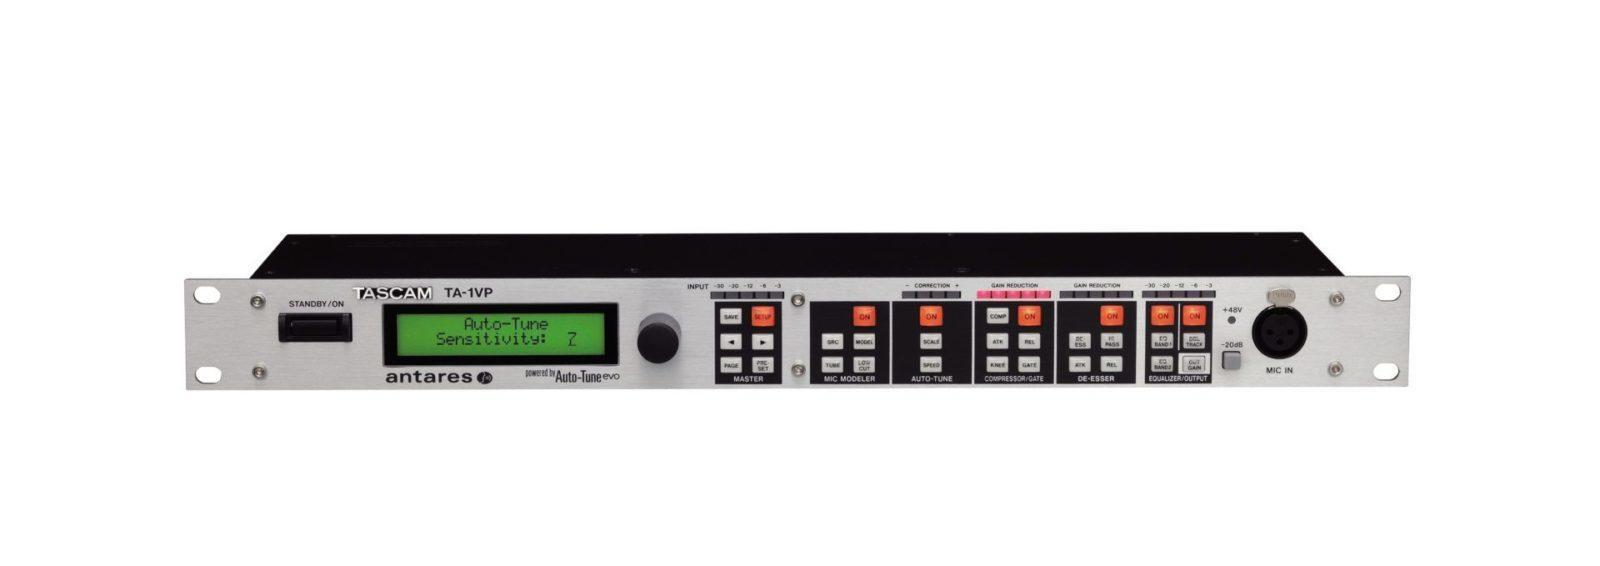 Tascam TA-1VP Vocal Processor (OUTLET)